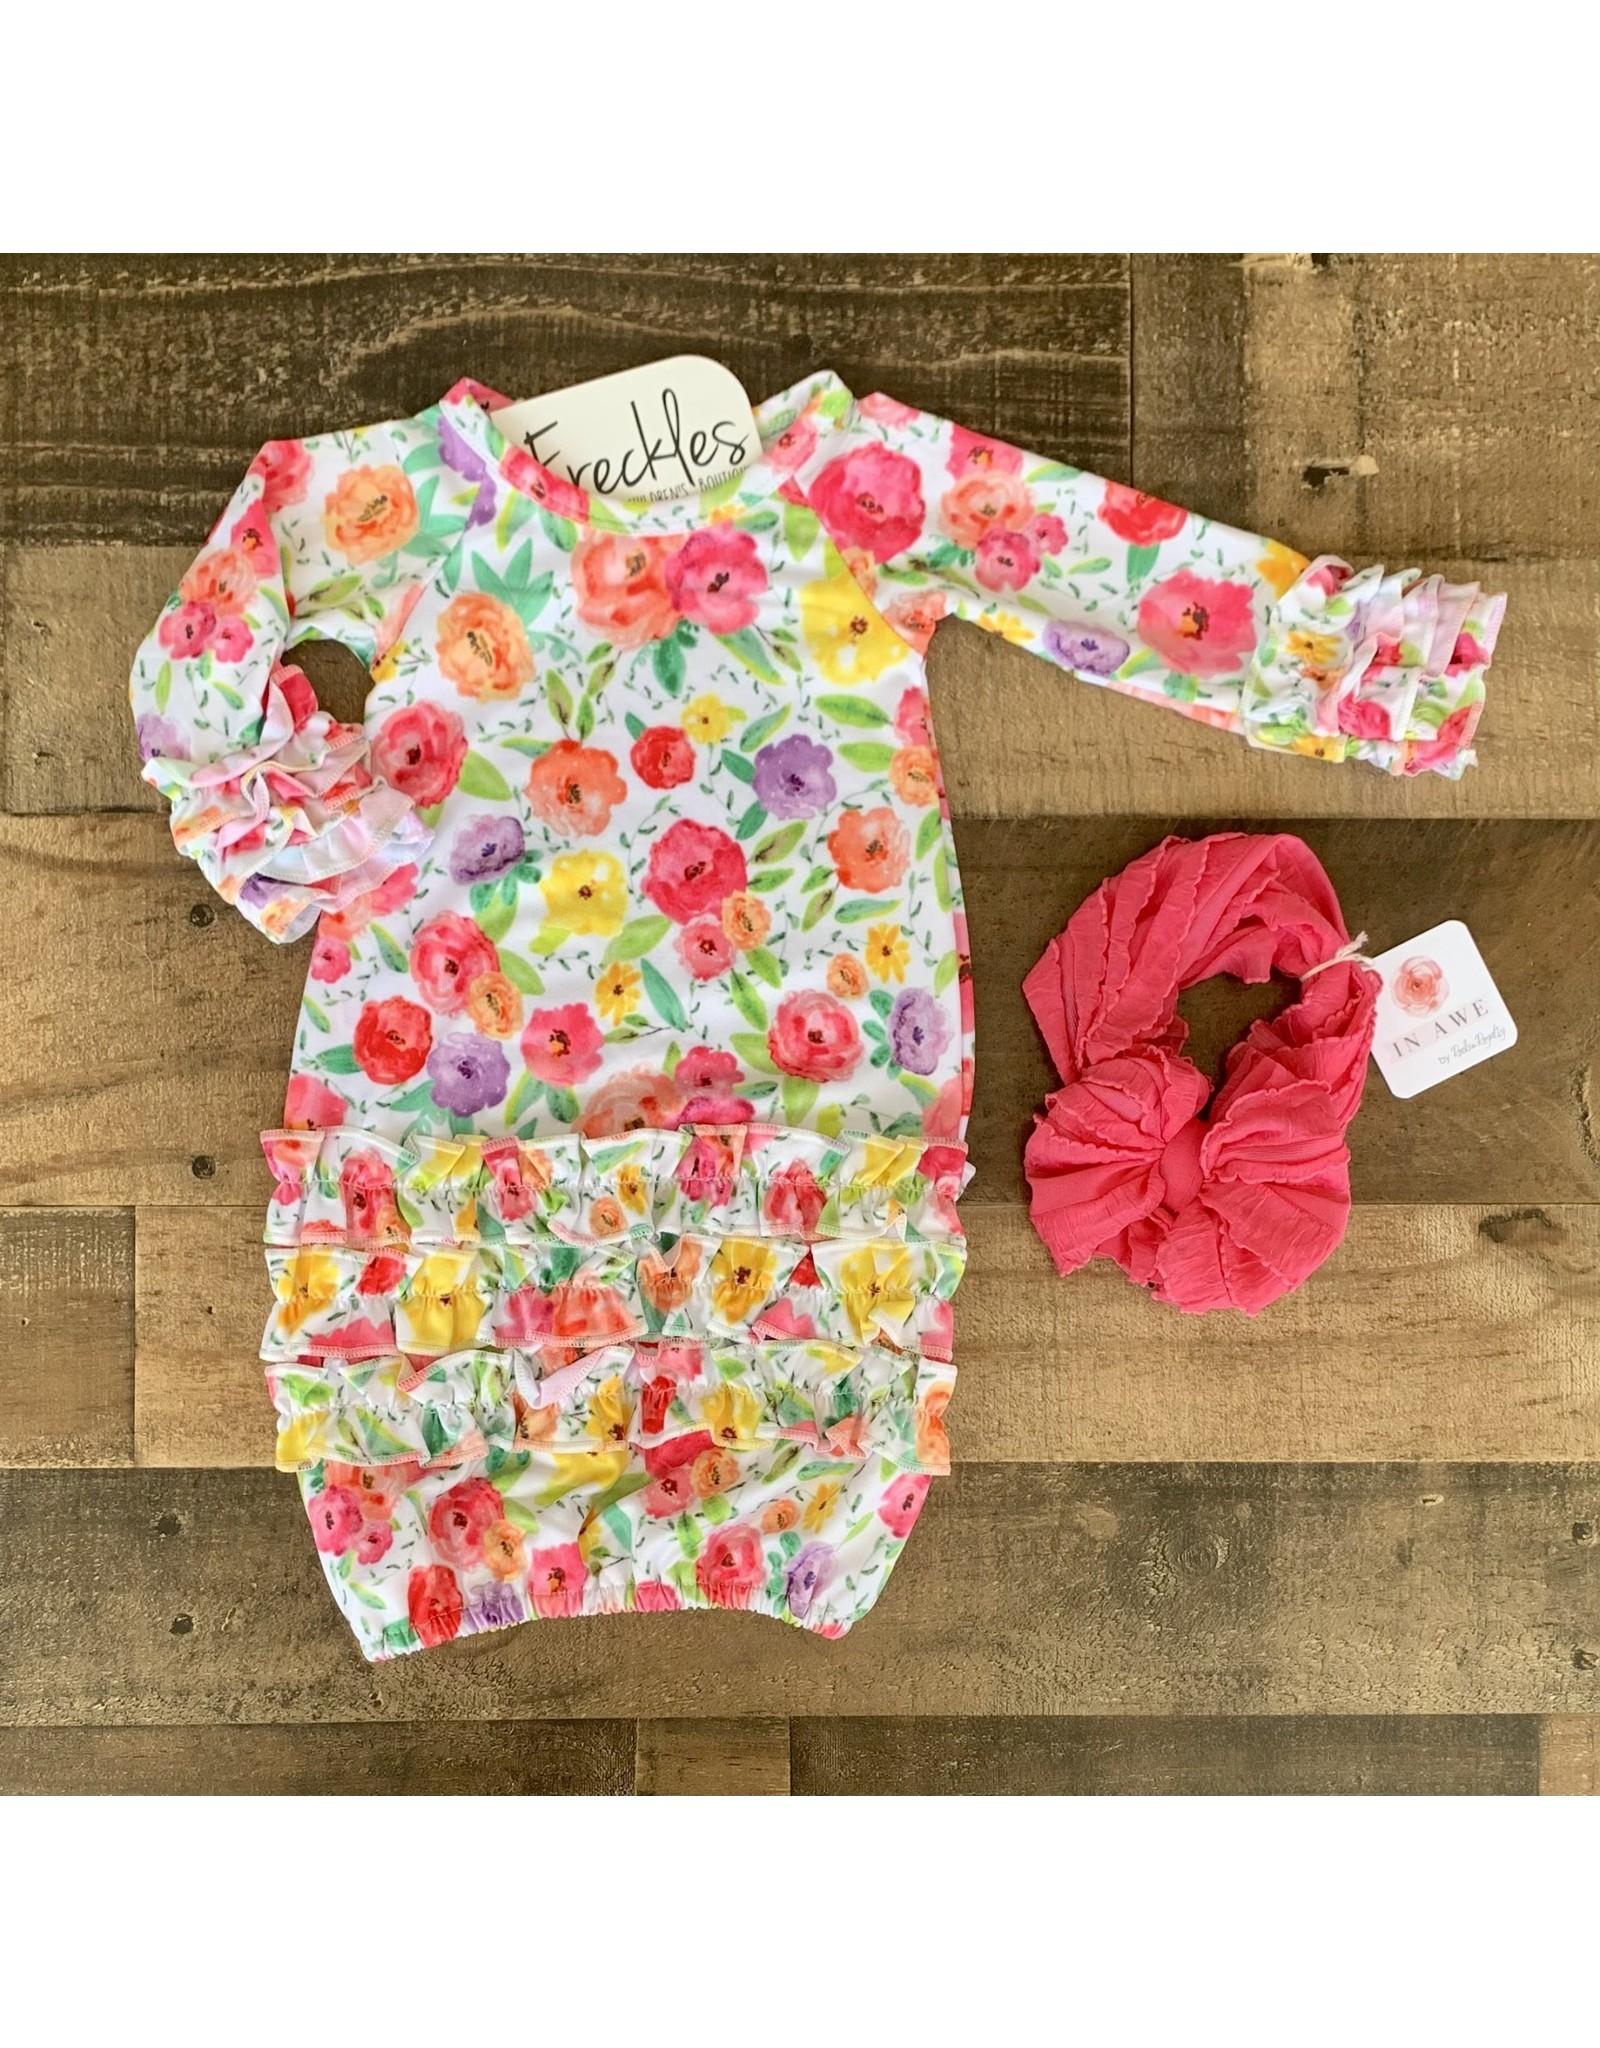 Bright Blooms Newborn Gown